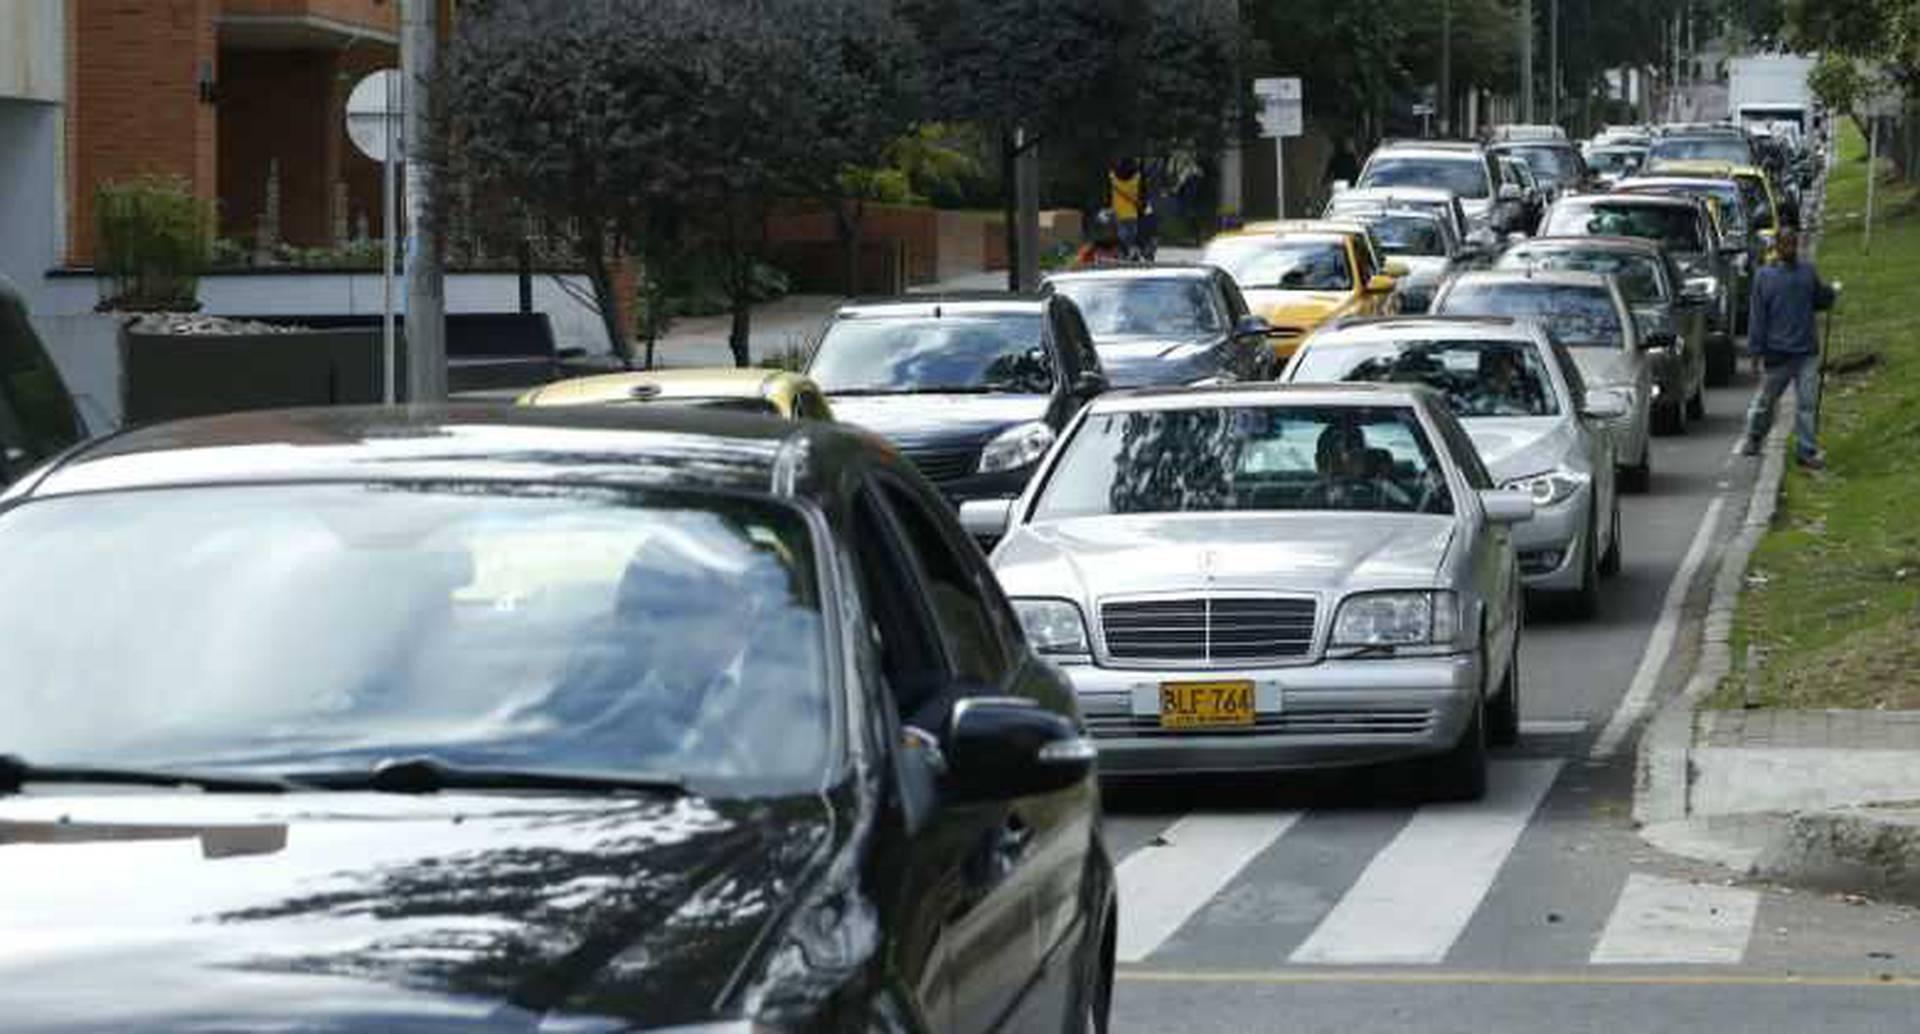 En el año 2000 se creó el pico y placa con el fin de reducir el uso del carro. 19 años después hay 2,4 millones de carros.